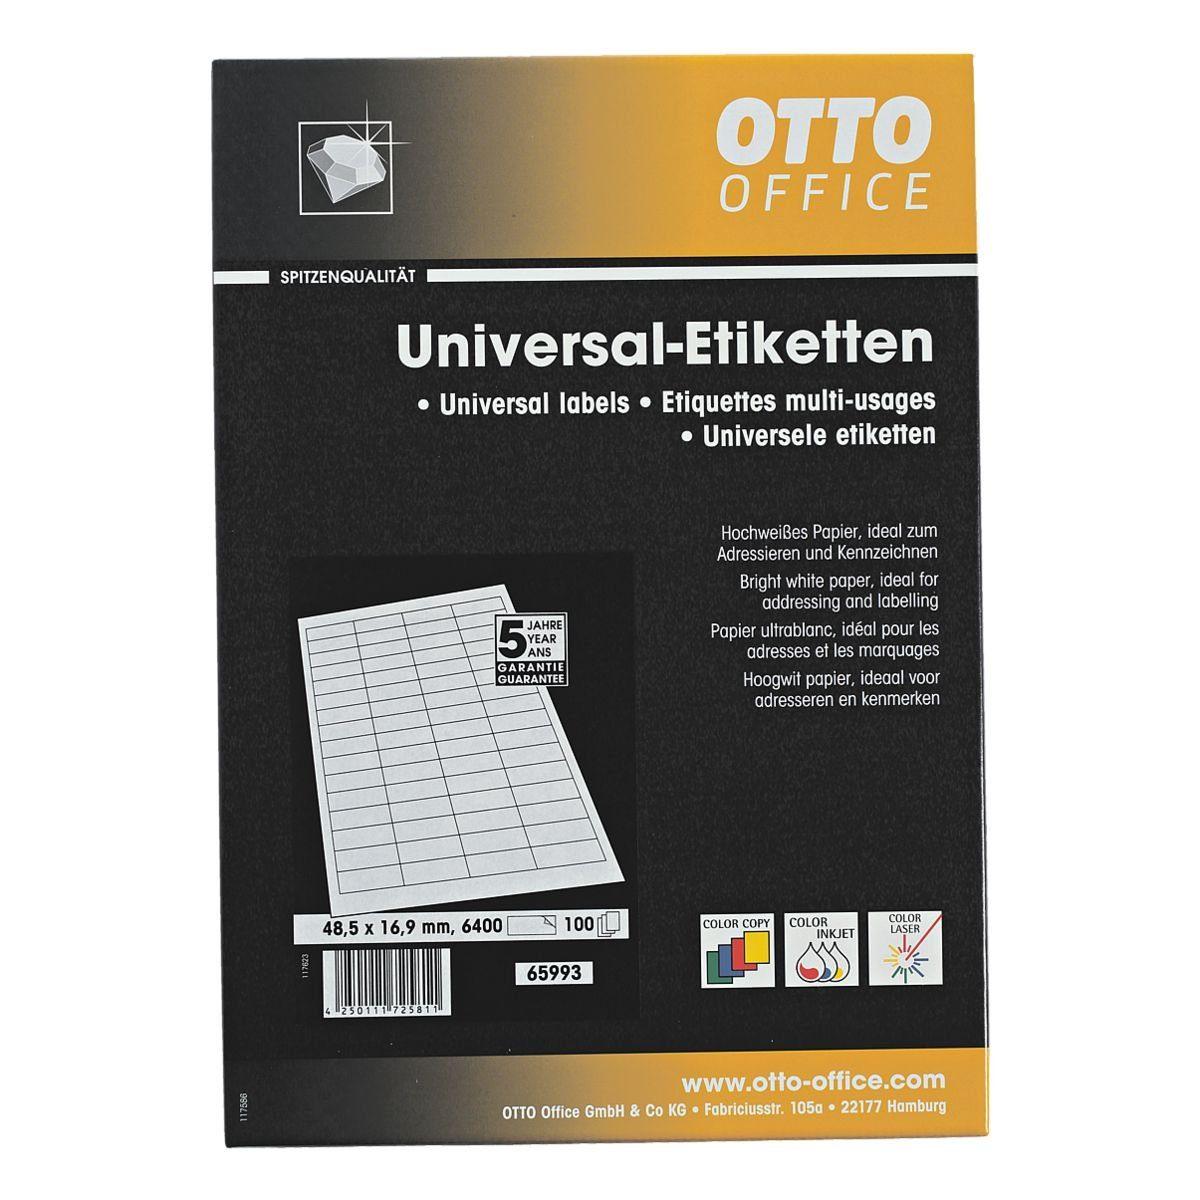 OTTOOFFICE PREMIUM 6400er-Pack Universal Klebeetiketten